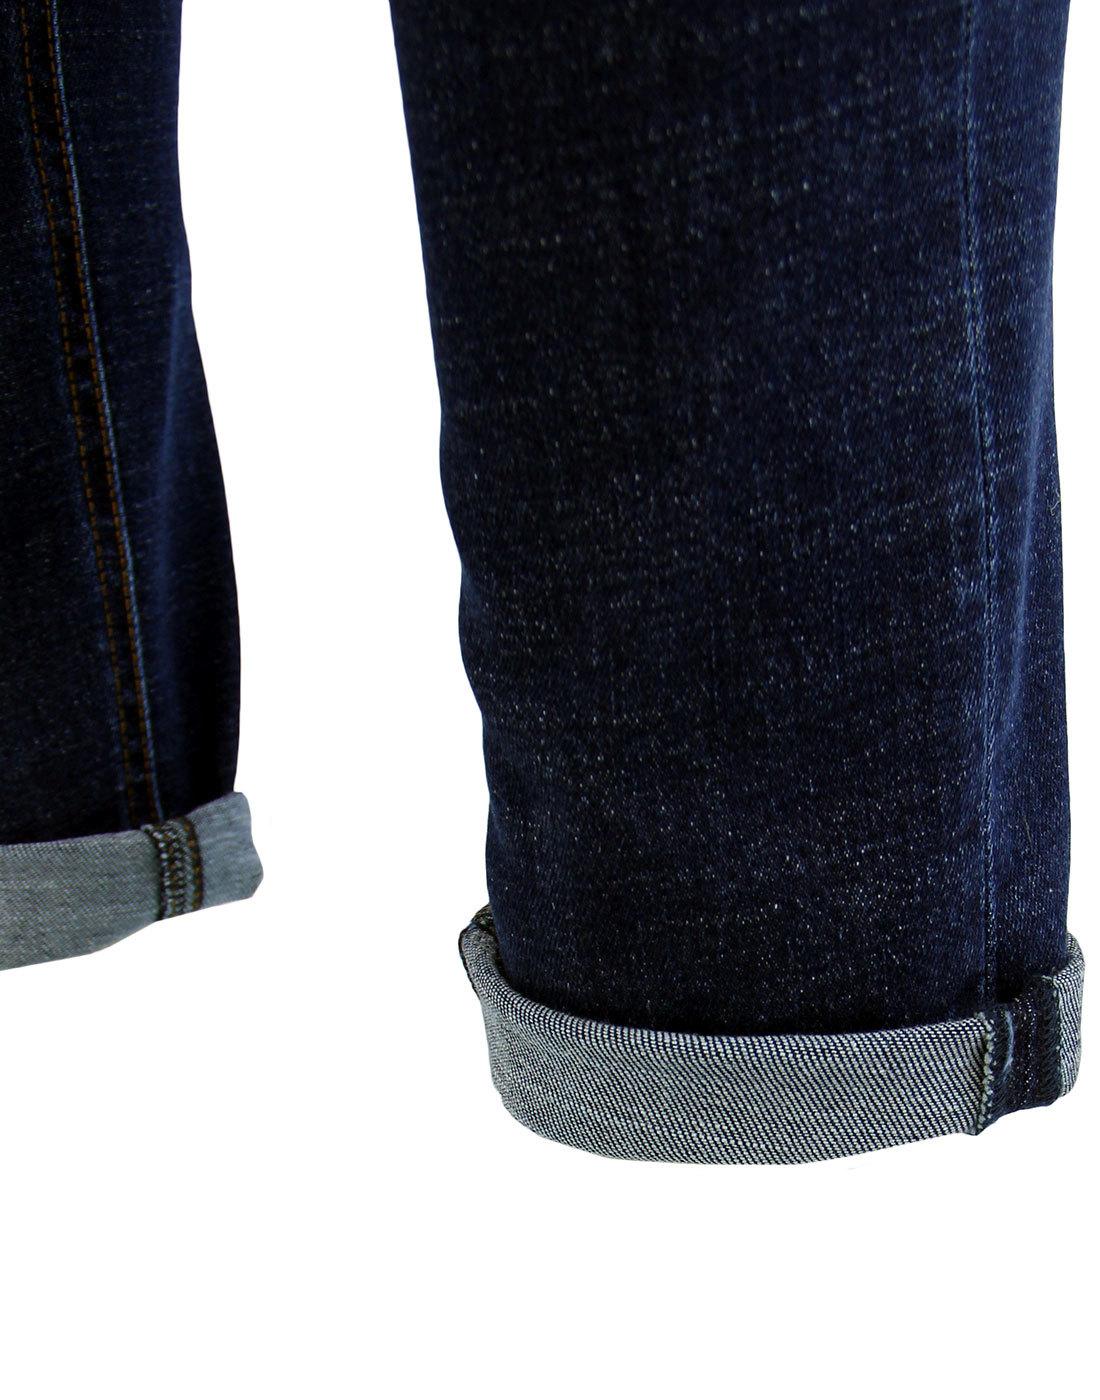 09a94323 LOIS Sky Men's Retro 1980s Mod Slim Fit Denim Jeans in Dark Stone